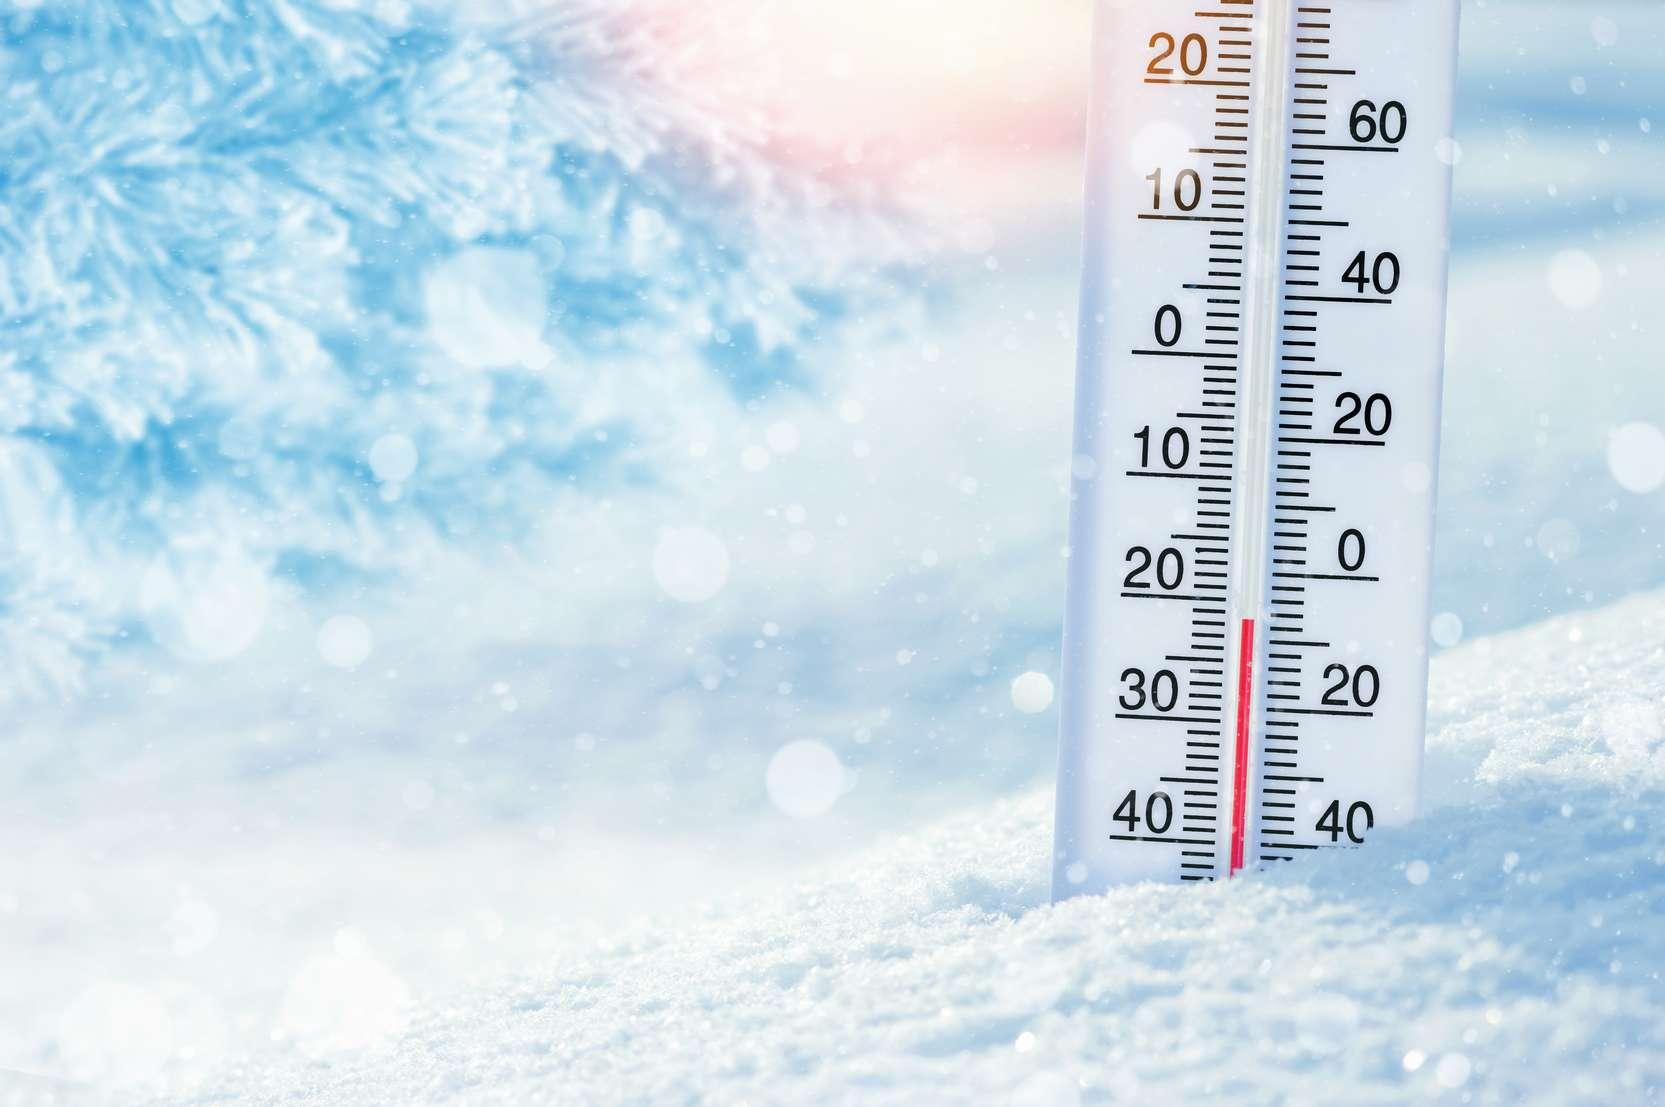 В Ростовской области в ближайшие сутки ожидается мороз до -16 градусов